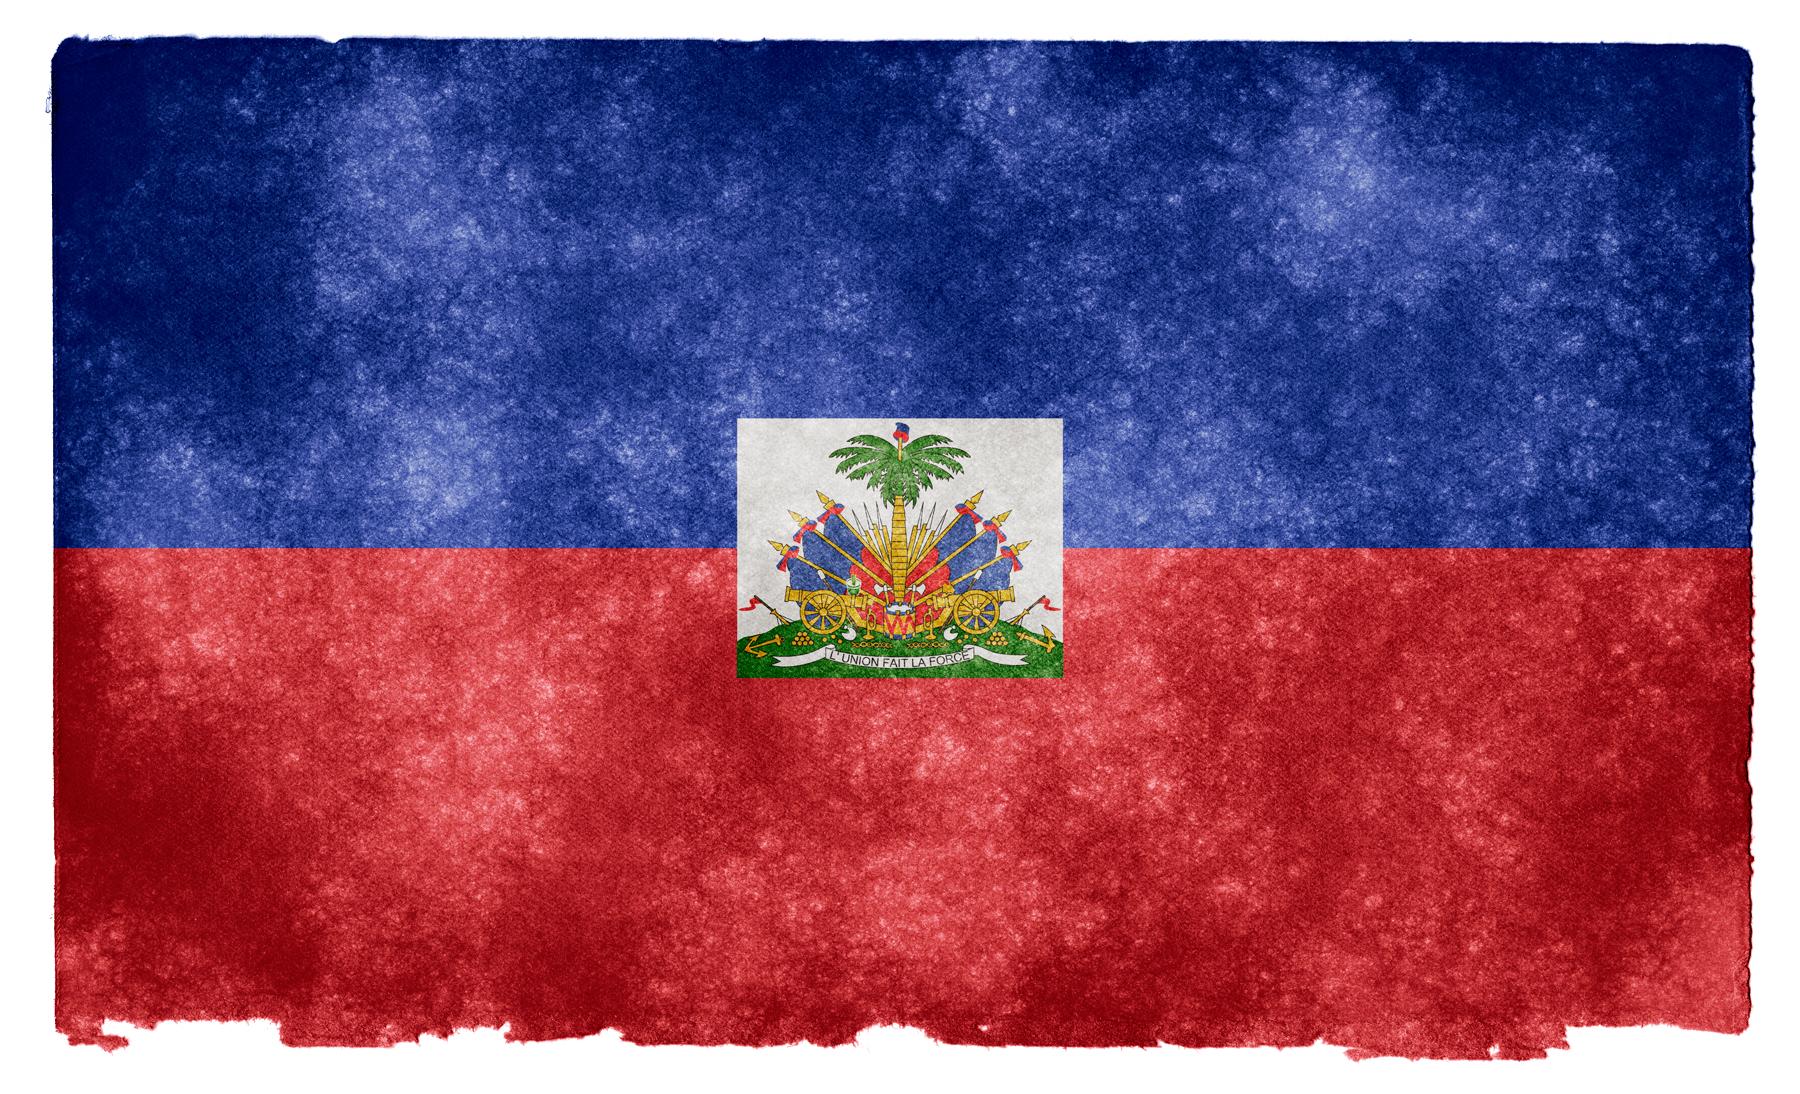 Haiti Grunge Flag, Aged, Retro, National, Old, HQ Photo